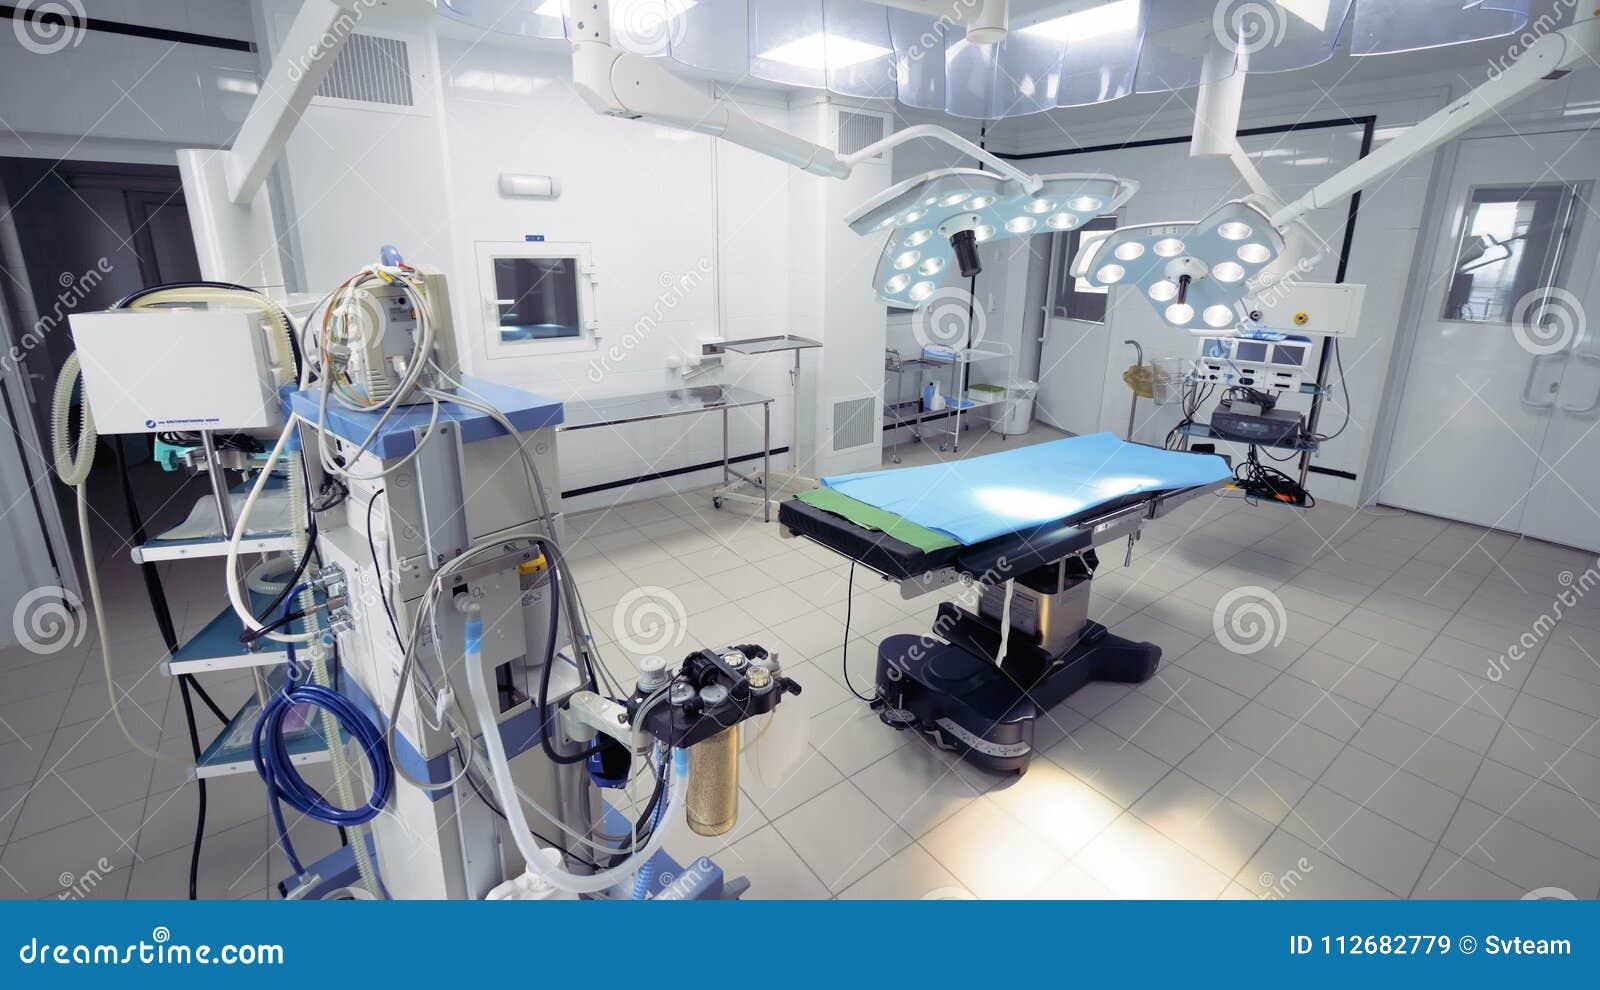 Illuminazione per sale operatorie: le attrezzature e gli apparecchi